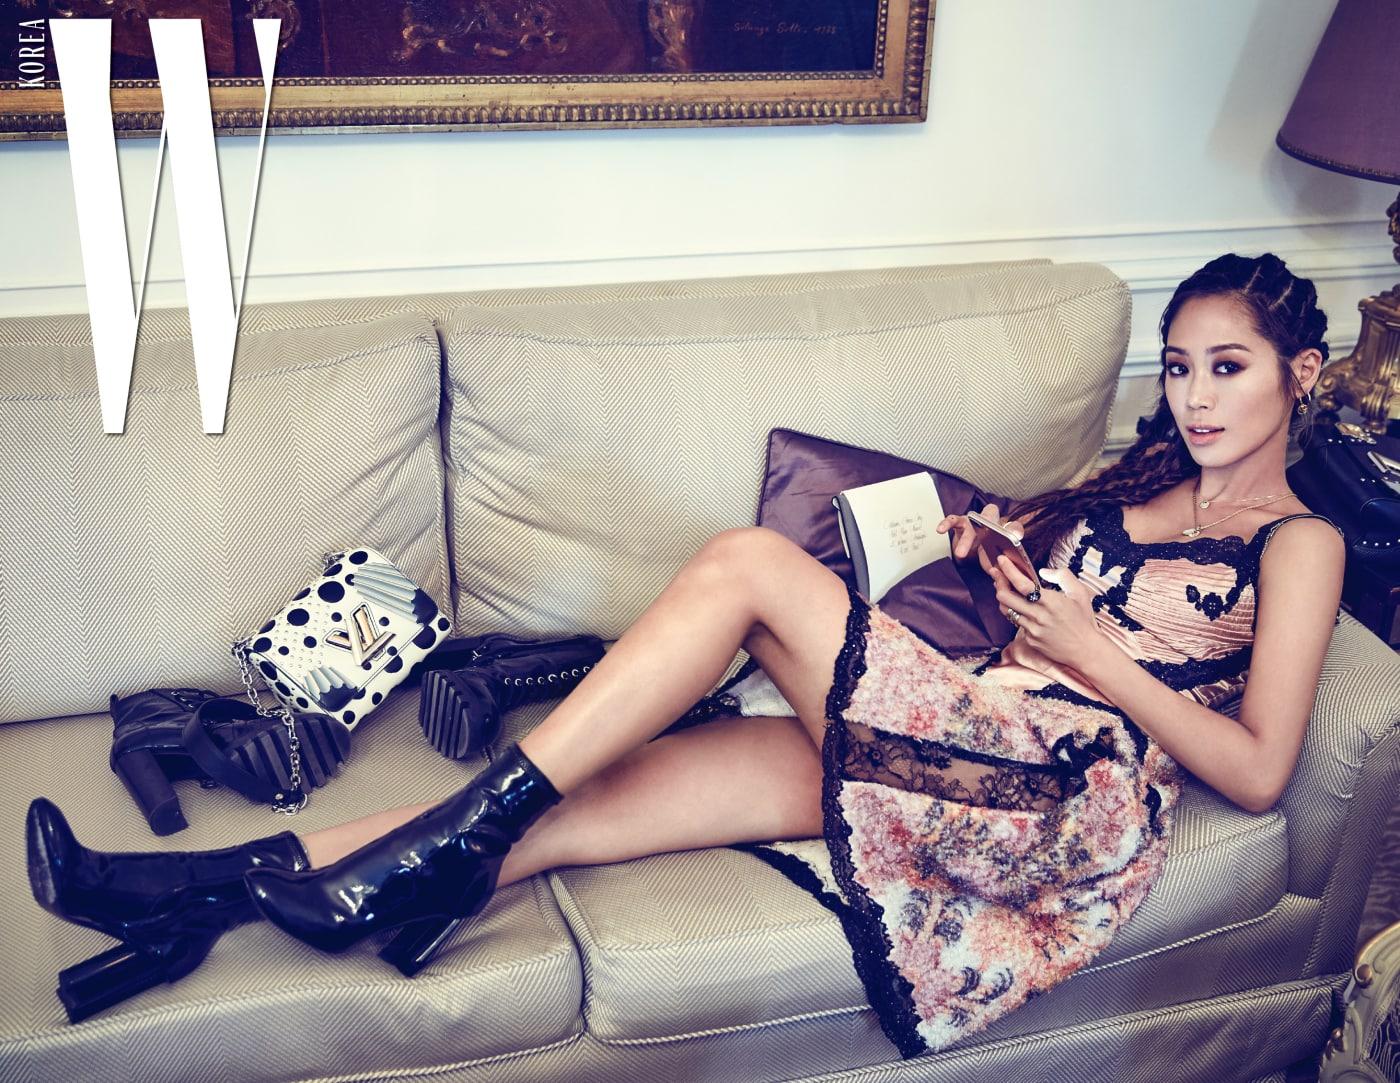 손에서 휴대폰을 떼지 않는 그녀. 의상은 모두 Louis Vuitton 제품.